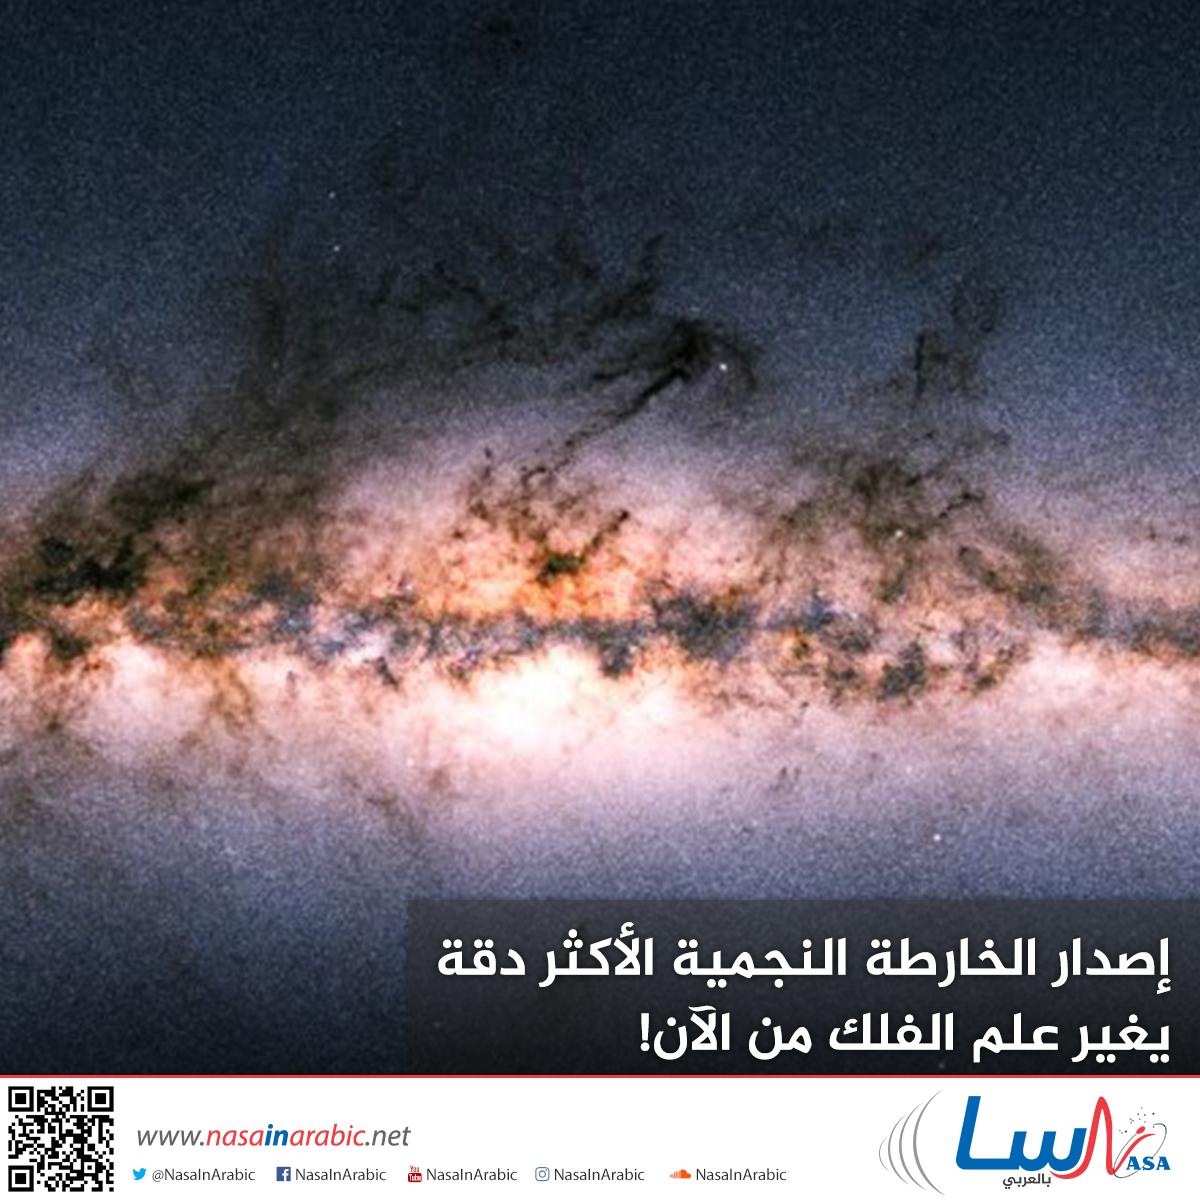 إصدار الخارطة النجمية الأكثر دقة يغير علم الفلك من الآن